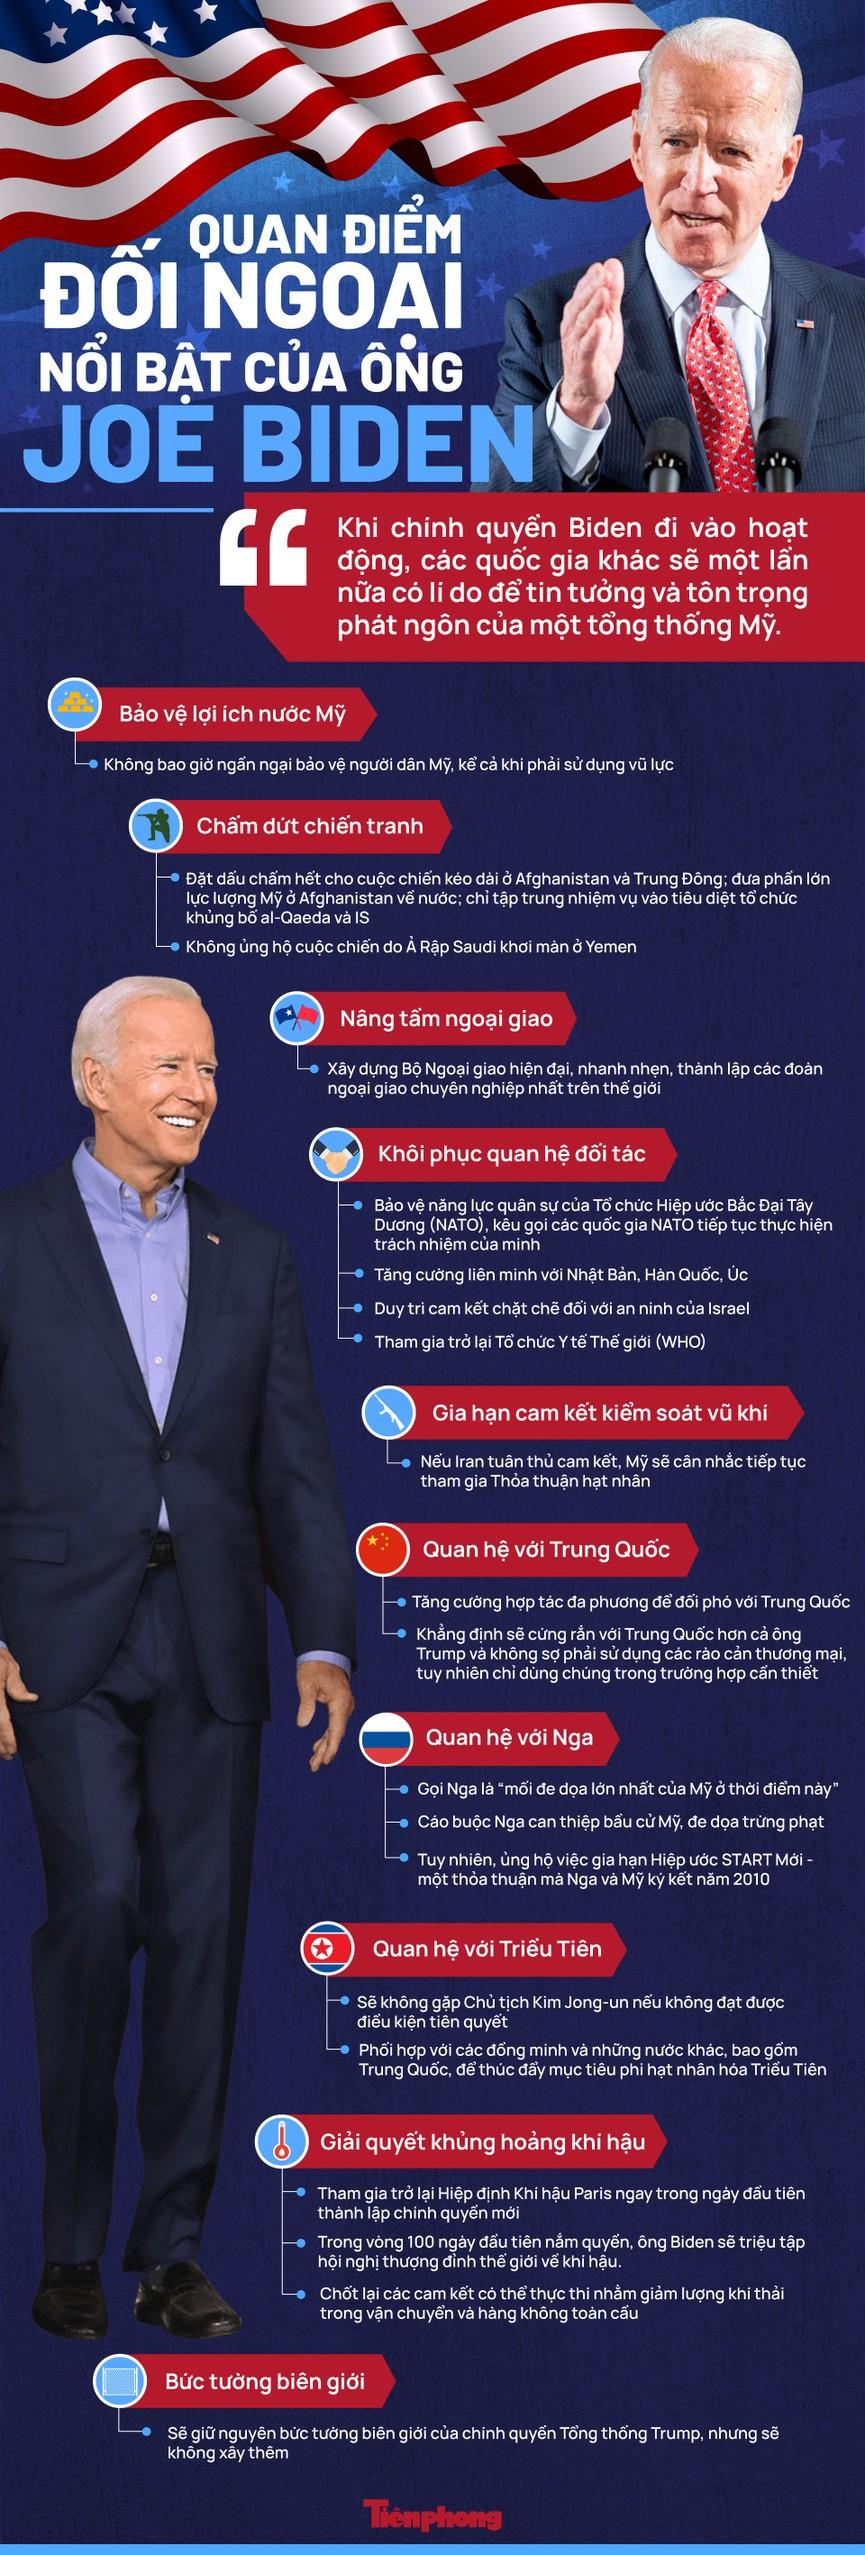 Quan điểm đối ngoại nổi bật của ông Joe Biden - ảnh 1